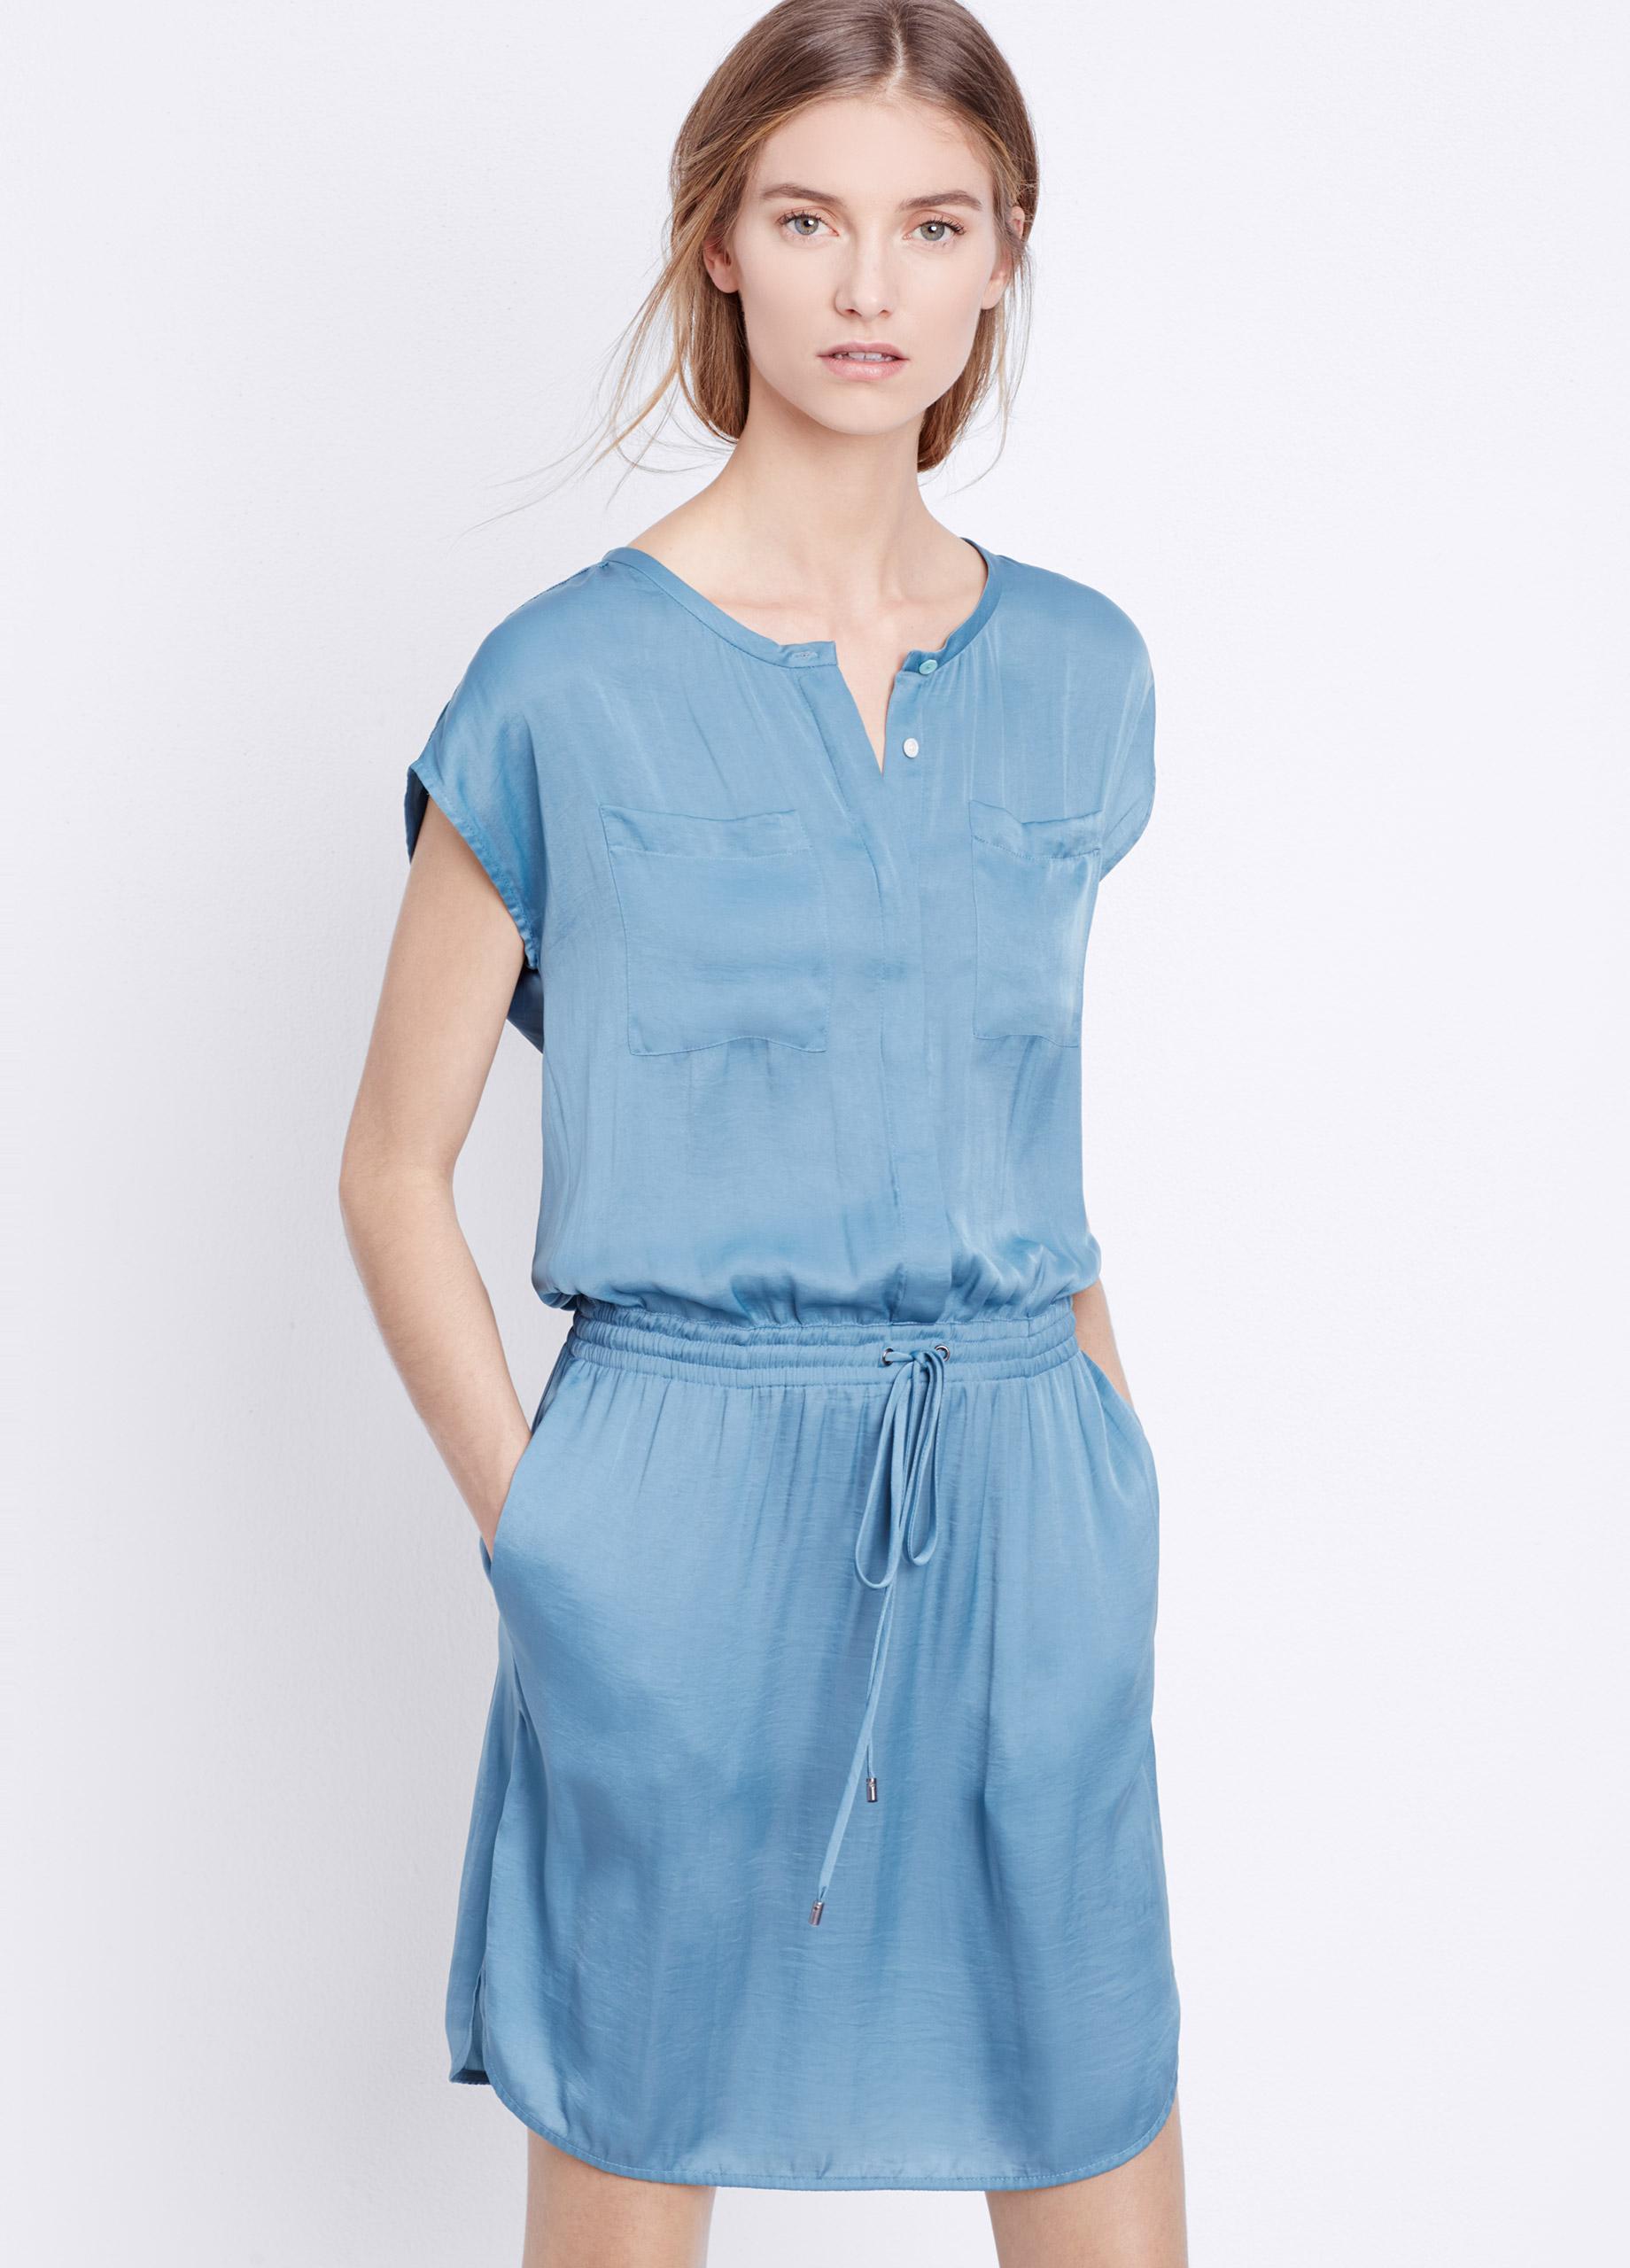 Jean Shirt Dress Pinterest - DREAMWORKS